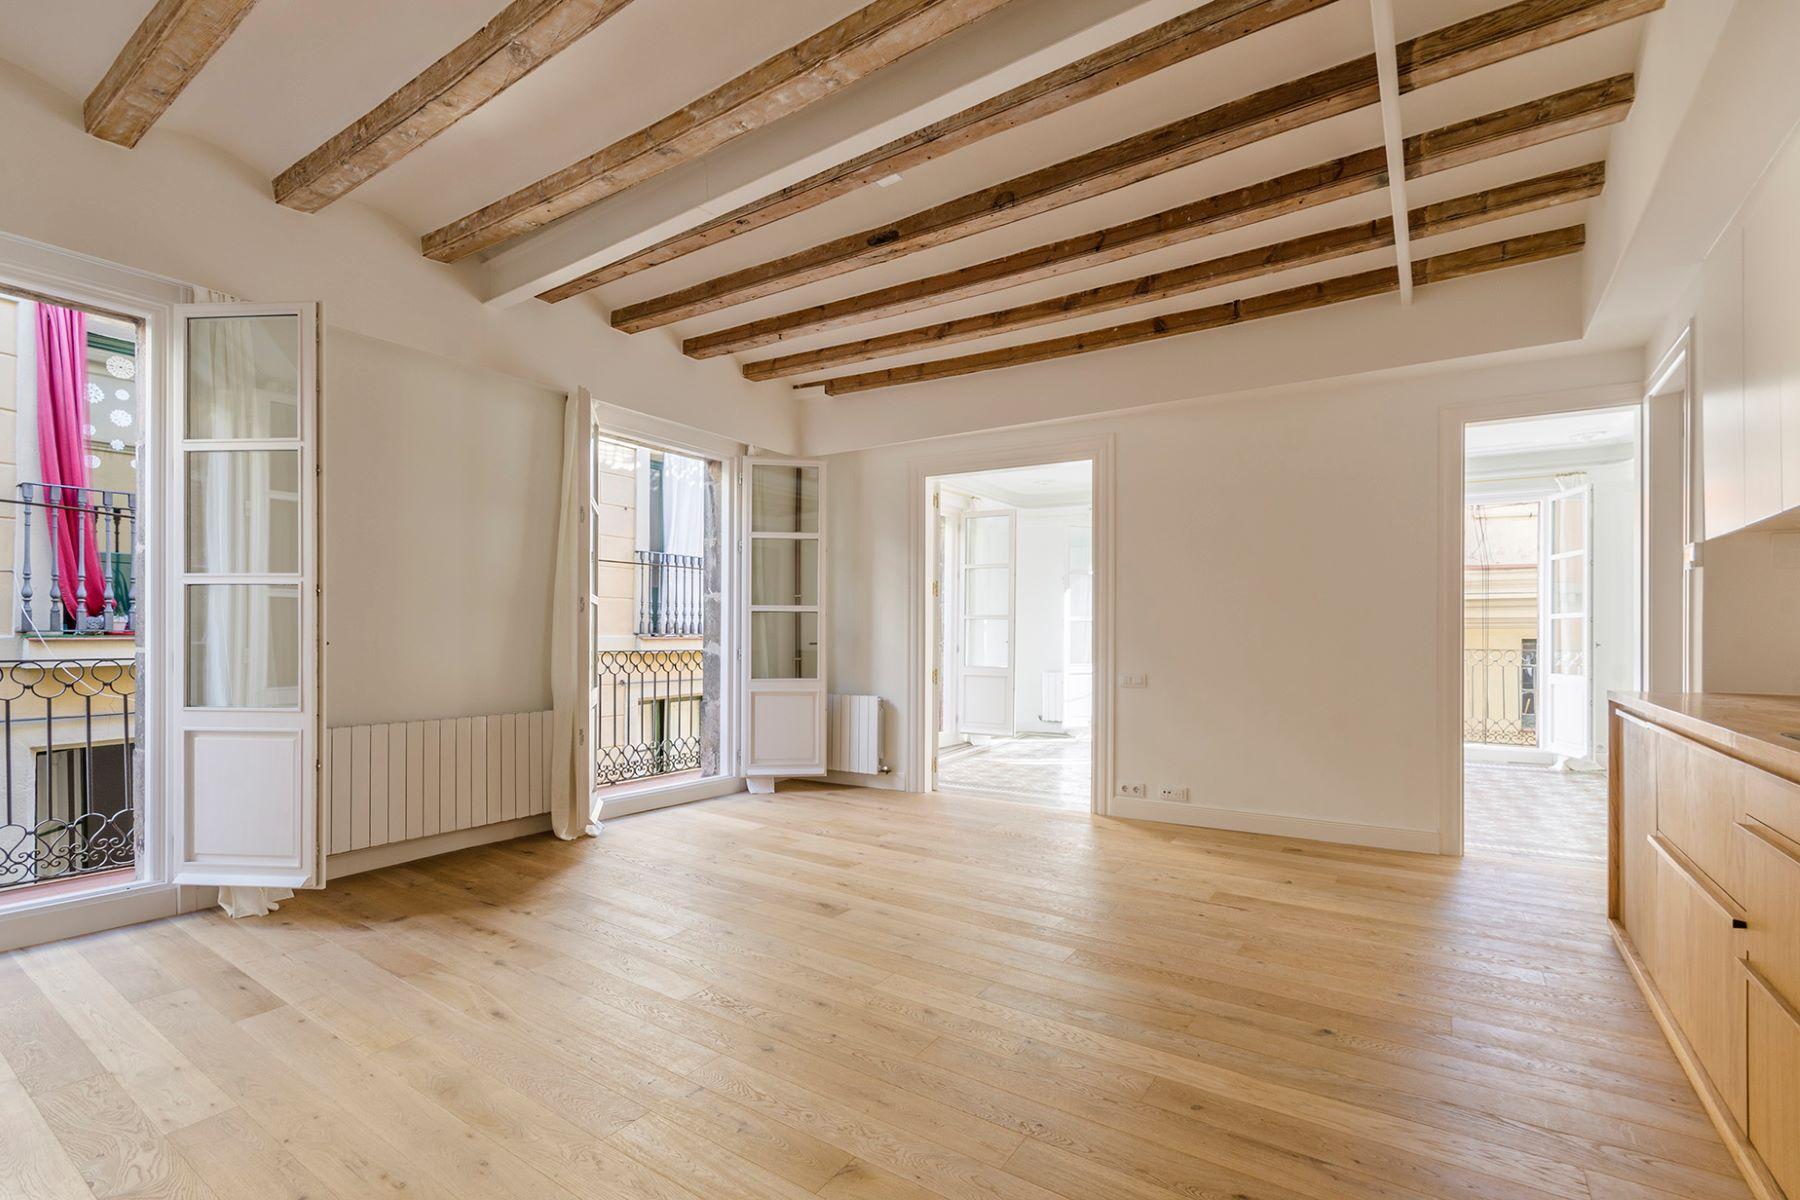 公寓 為 出售 在 Bright and elegant apartment in the heart of Gothic Quarter Barcelona City, Barcelona, 08002 西班牙